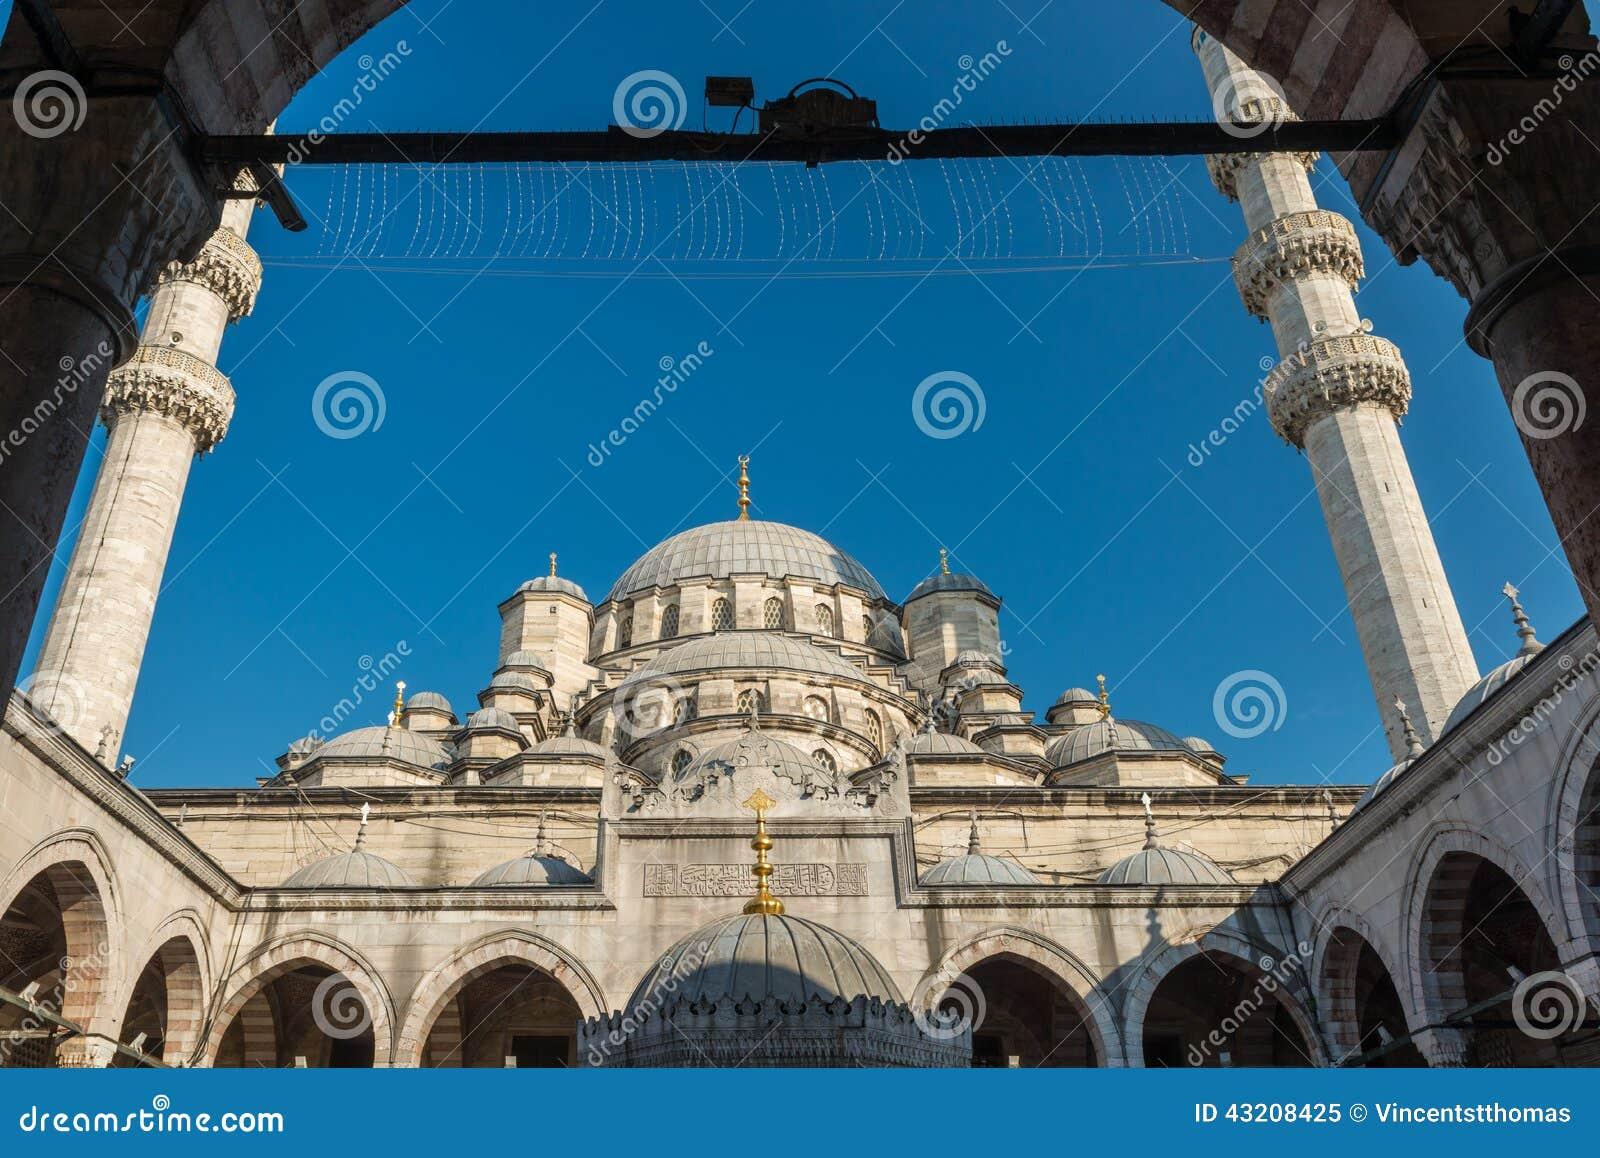 Download Ny moské fotografering för bildbyråer. Bild av cami, lokal - 43208425